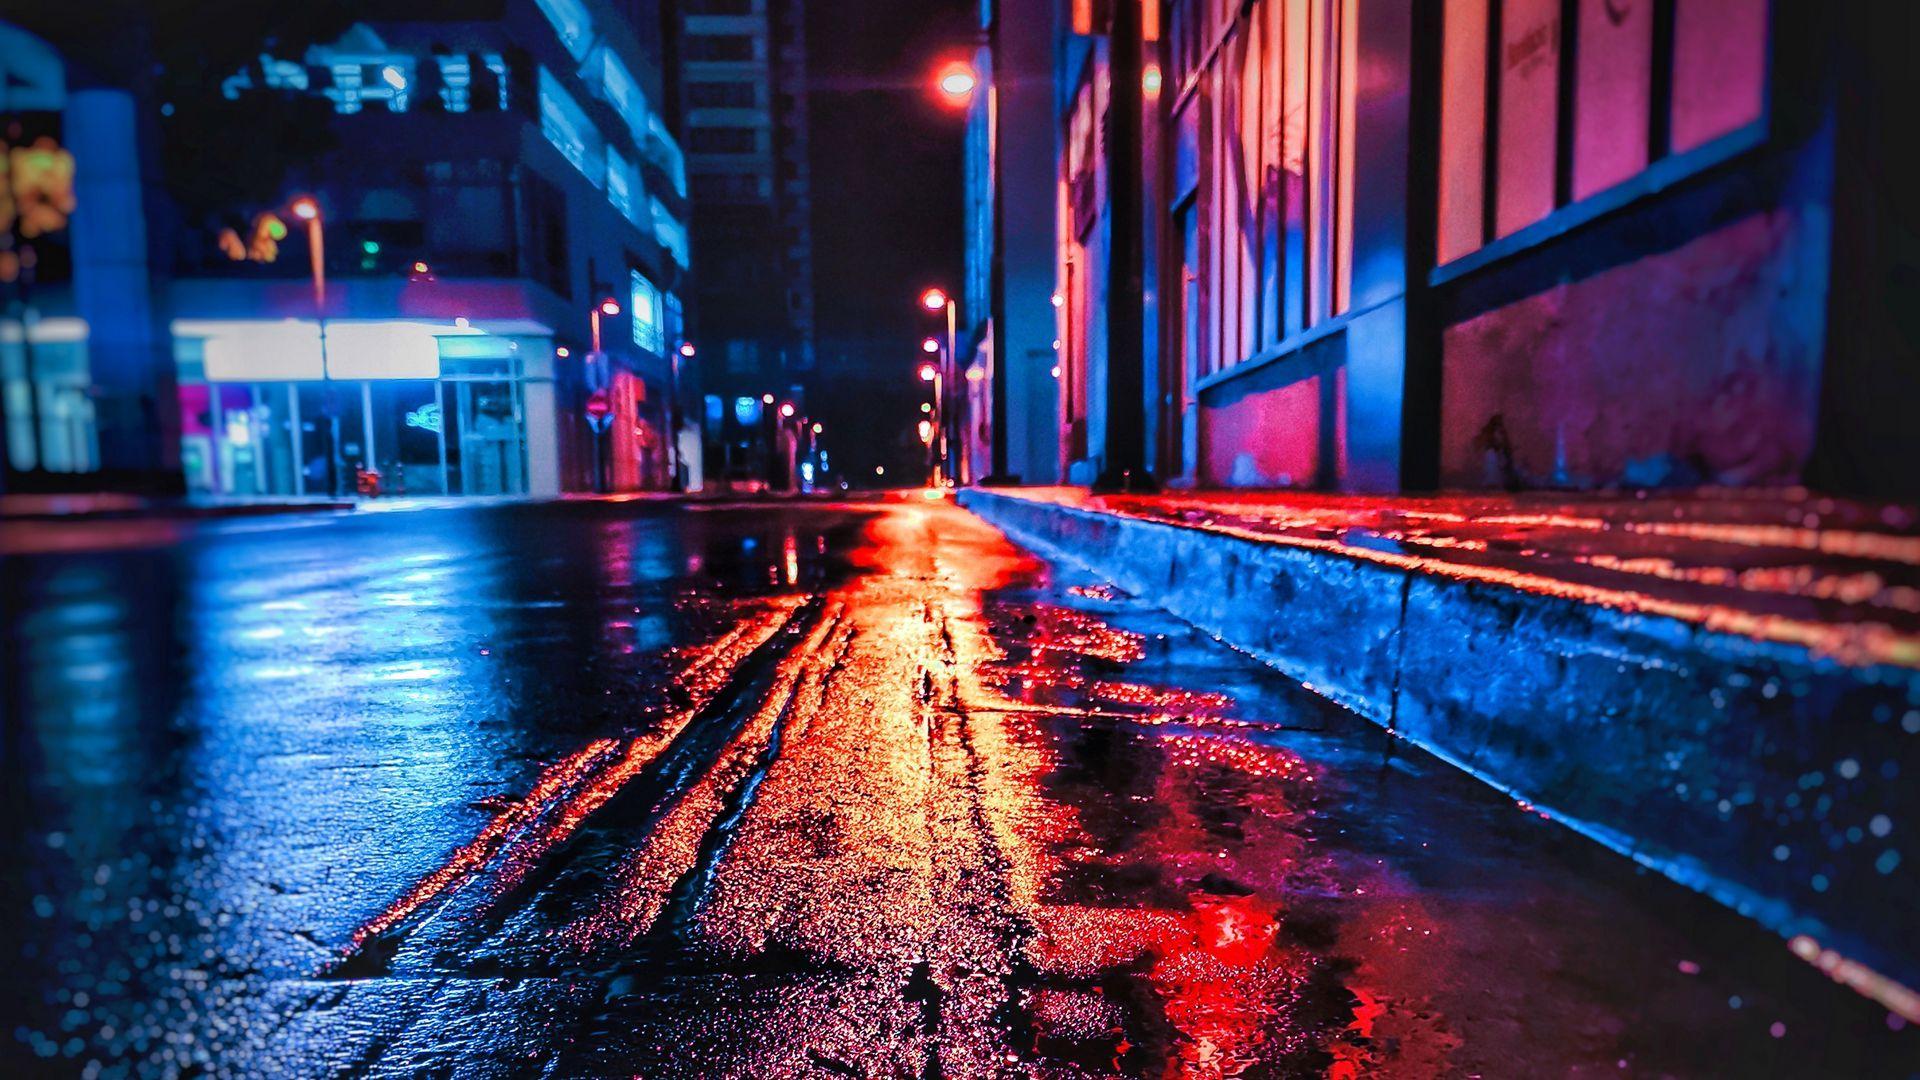 Street Neon Wallpaper Desktop Background Pictures City Wallpaper